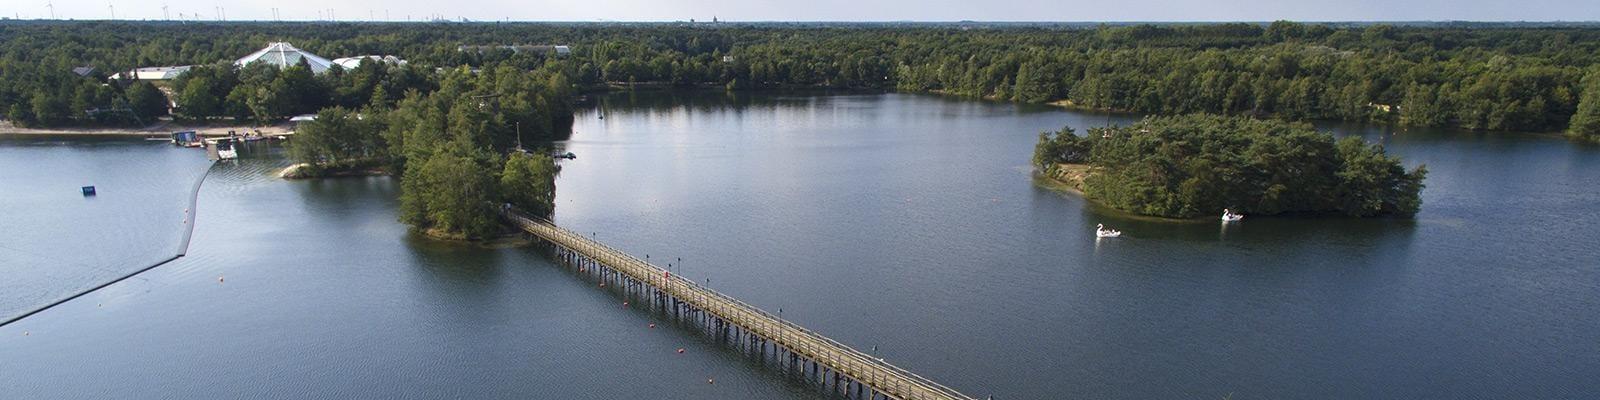 De Vossemeren - lake